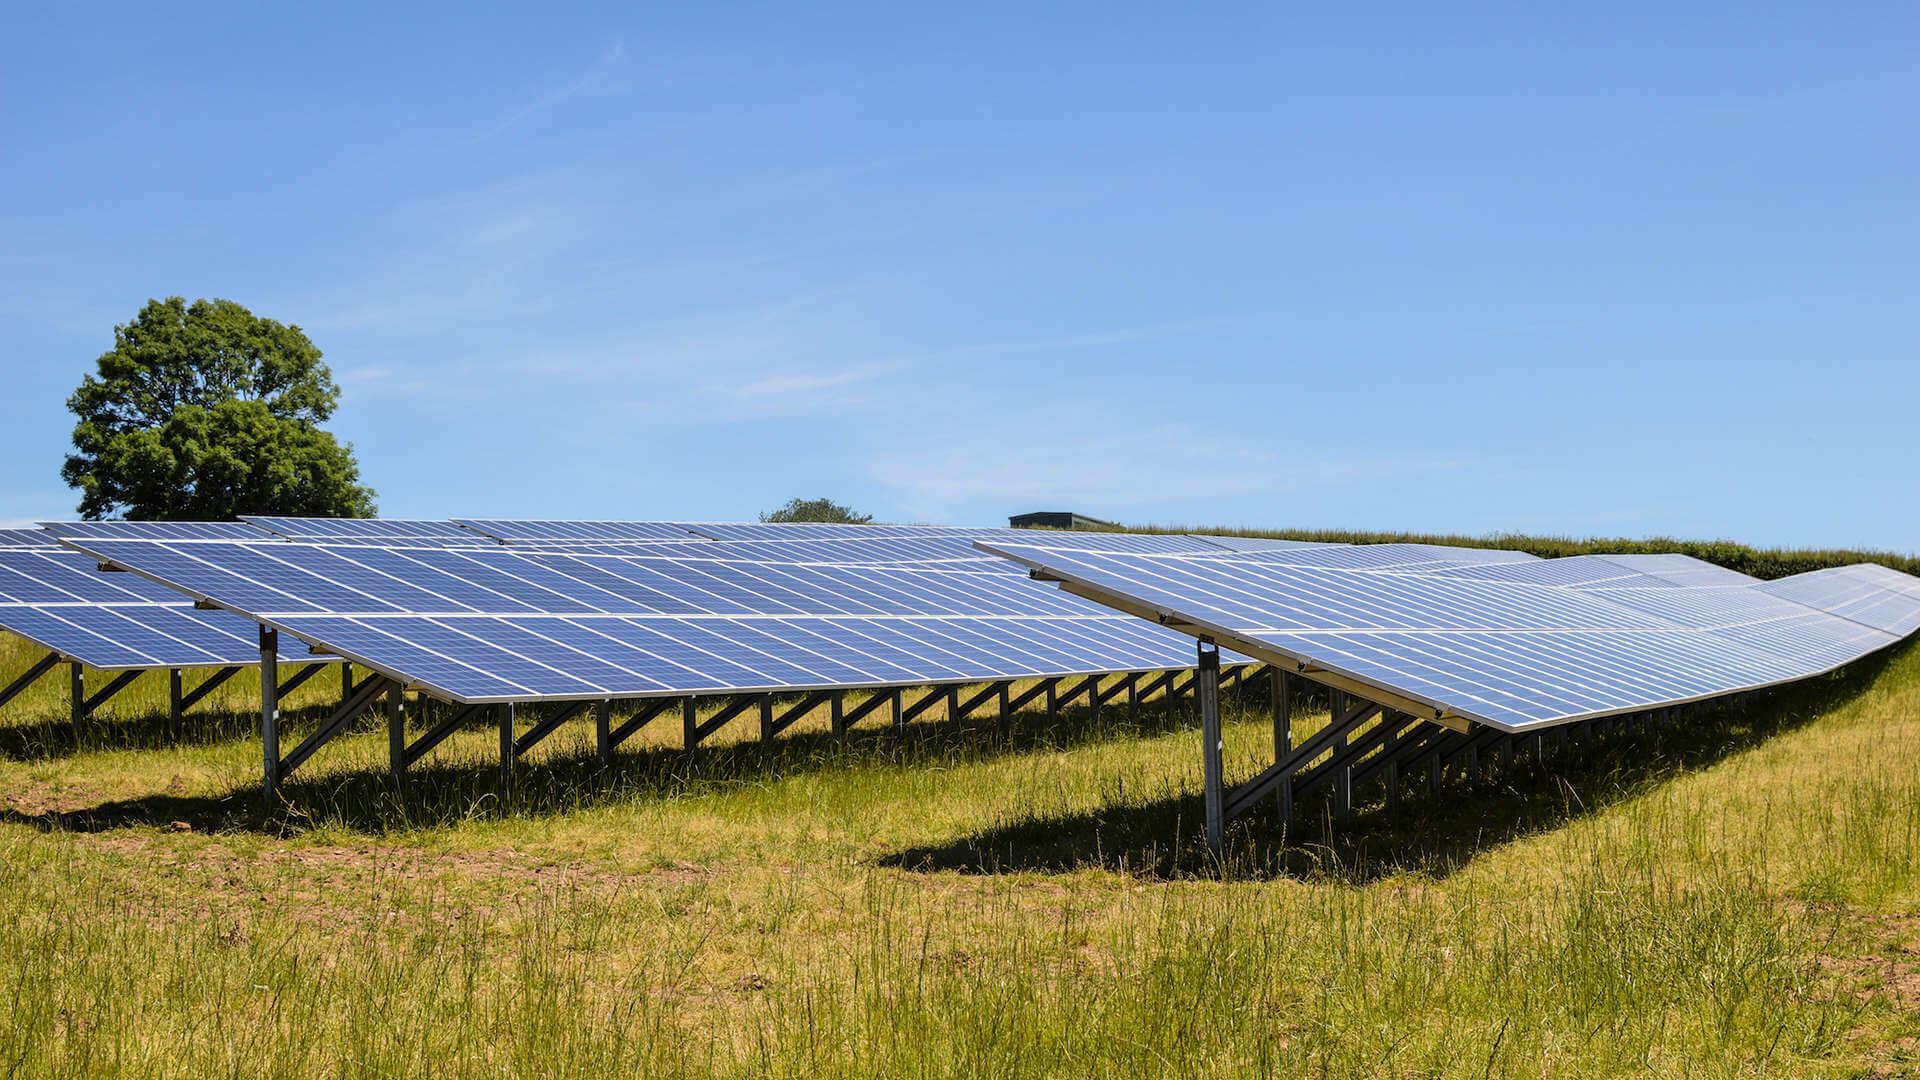 Napenergia hasznosítása naperőmű segítségével, naperőmű kivitelezővel.